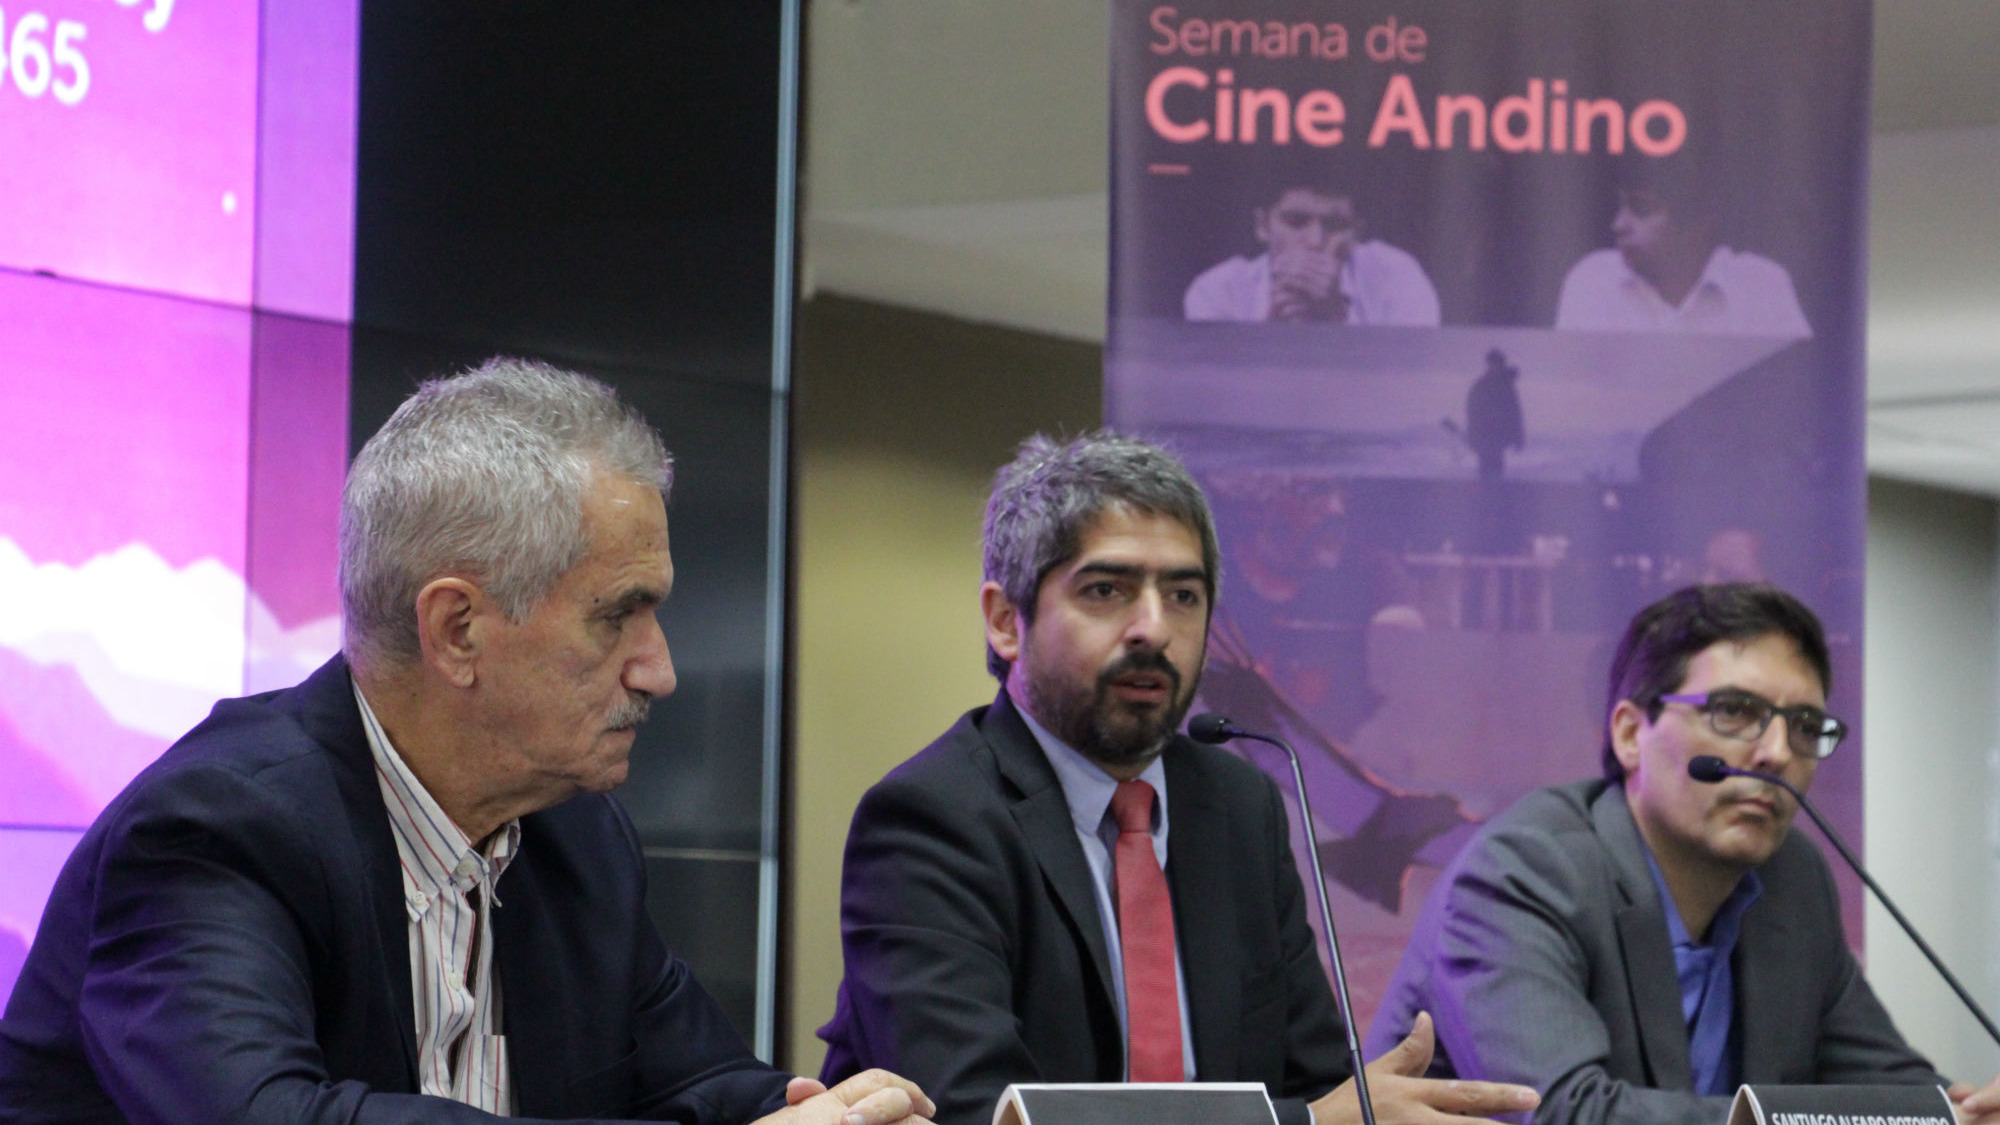 La Semana de Cine Andino fue presentada por Daniel Desaloms, director artístico del Festival de Cine de Altura; Santiago Alfaro, director general de Industrias Culturales y Artes del Ministerio de Cultura; y, Fernando Juan Lima, vicepresidente del Instituto Nacional de Cine y Artes Audiovisuales.